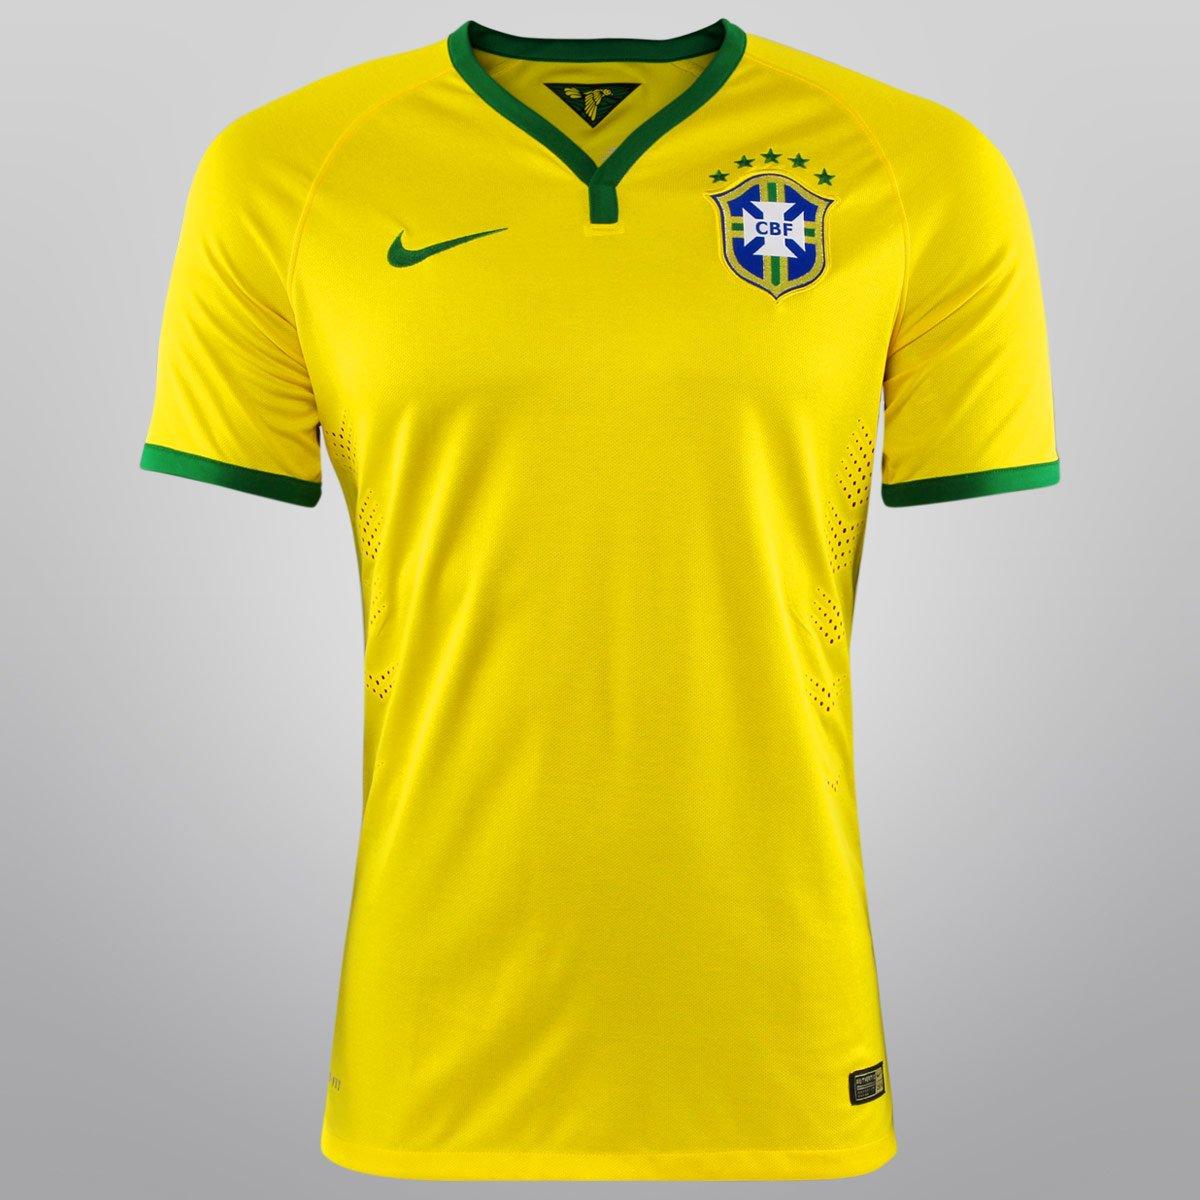 675477390a Camisa Nike Seleção Brasil I 14 15 s nº - Jogador